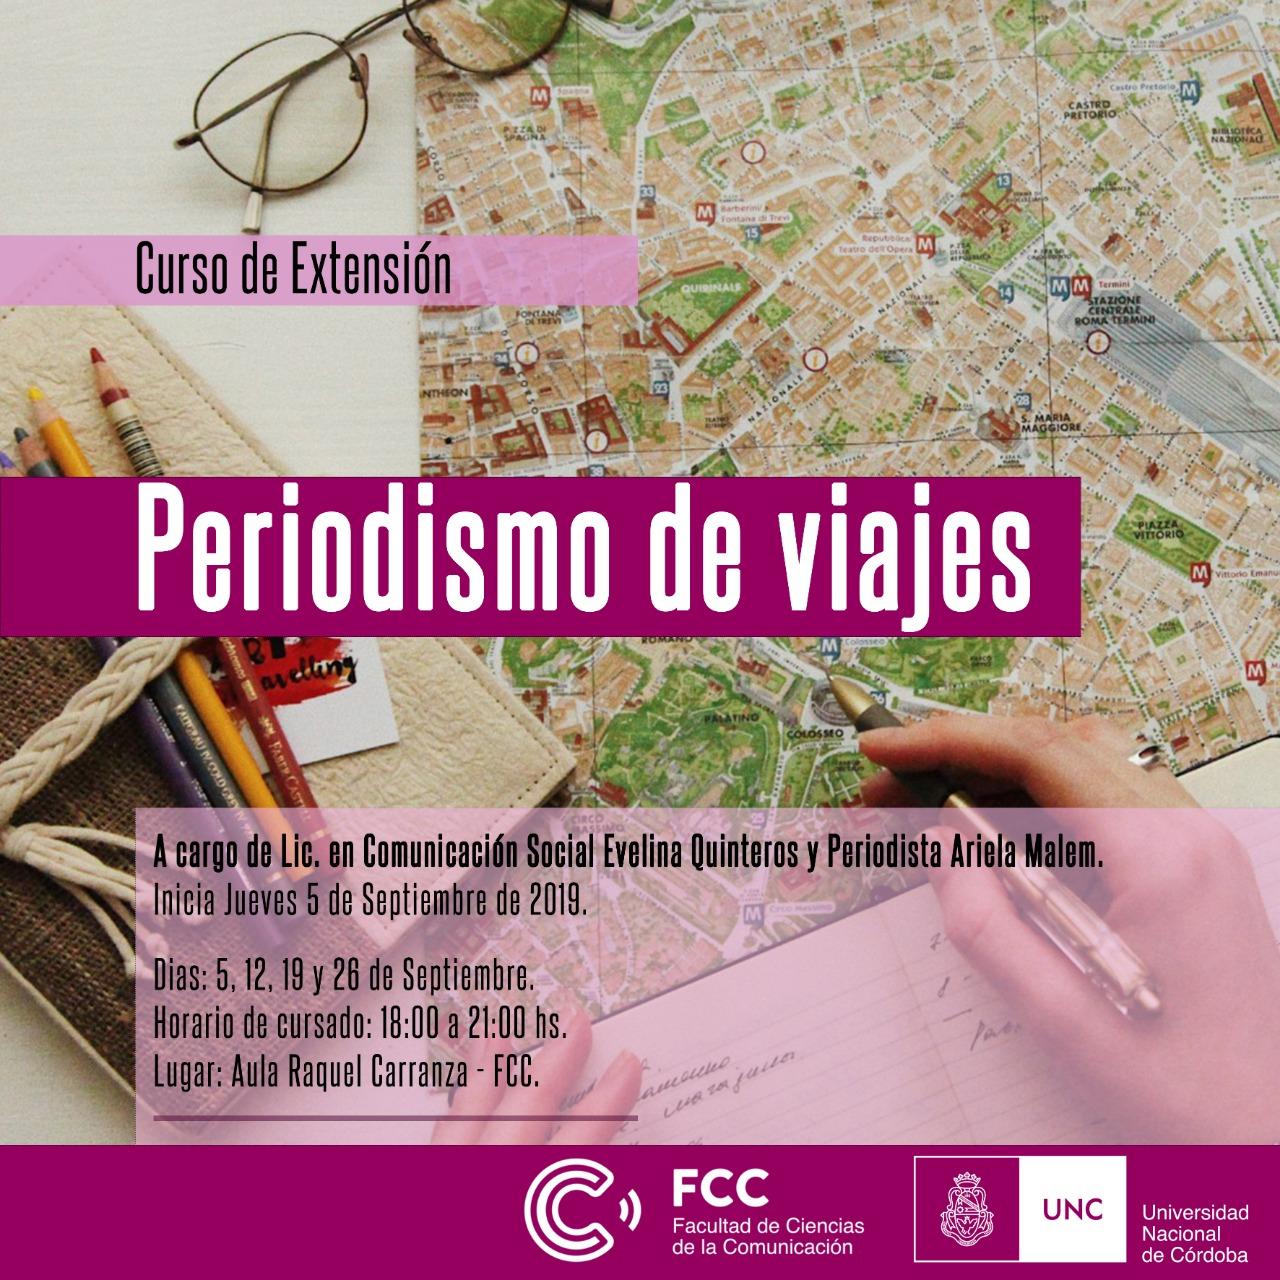 Curso de extensión: Periodismo de viajes en la UNC